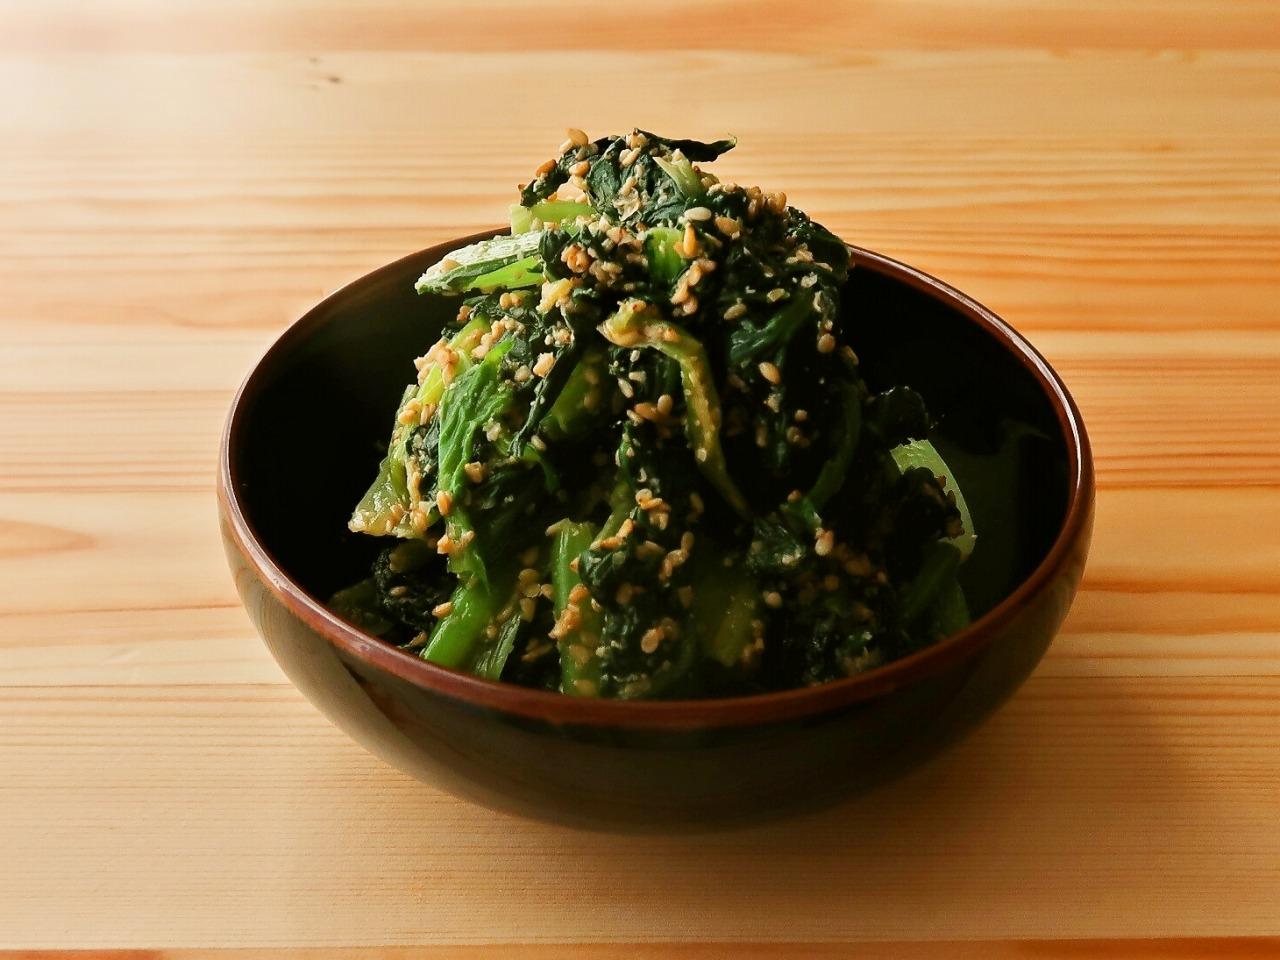 【野菜ひとつ】ごまたっぷり 小松菜のごま和え